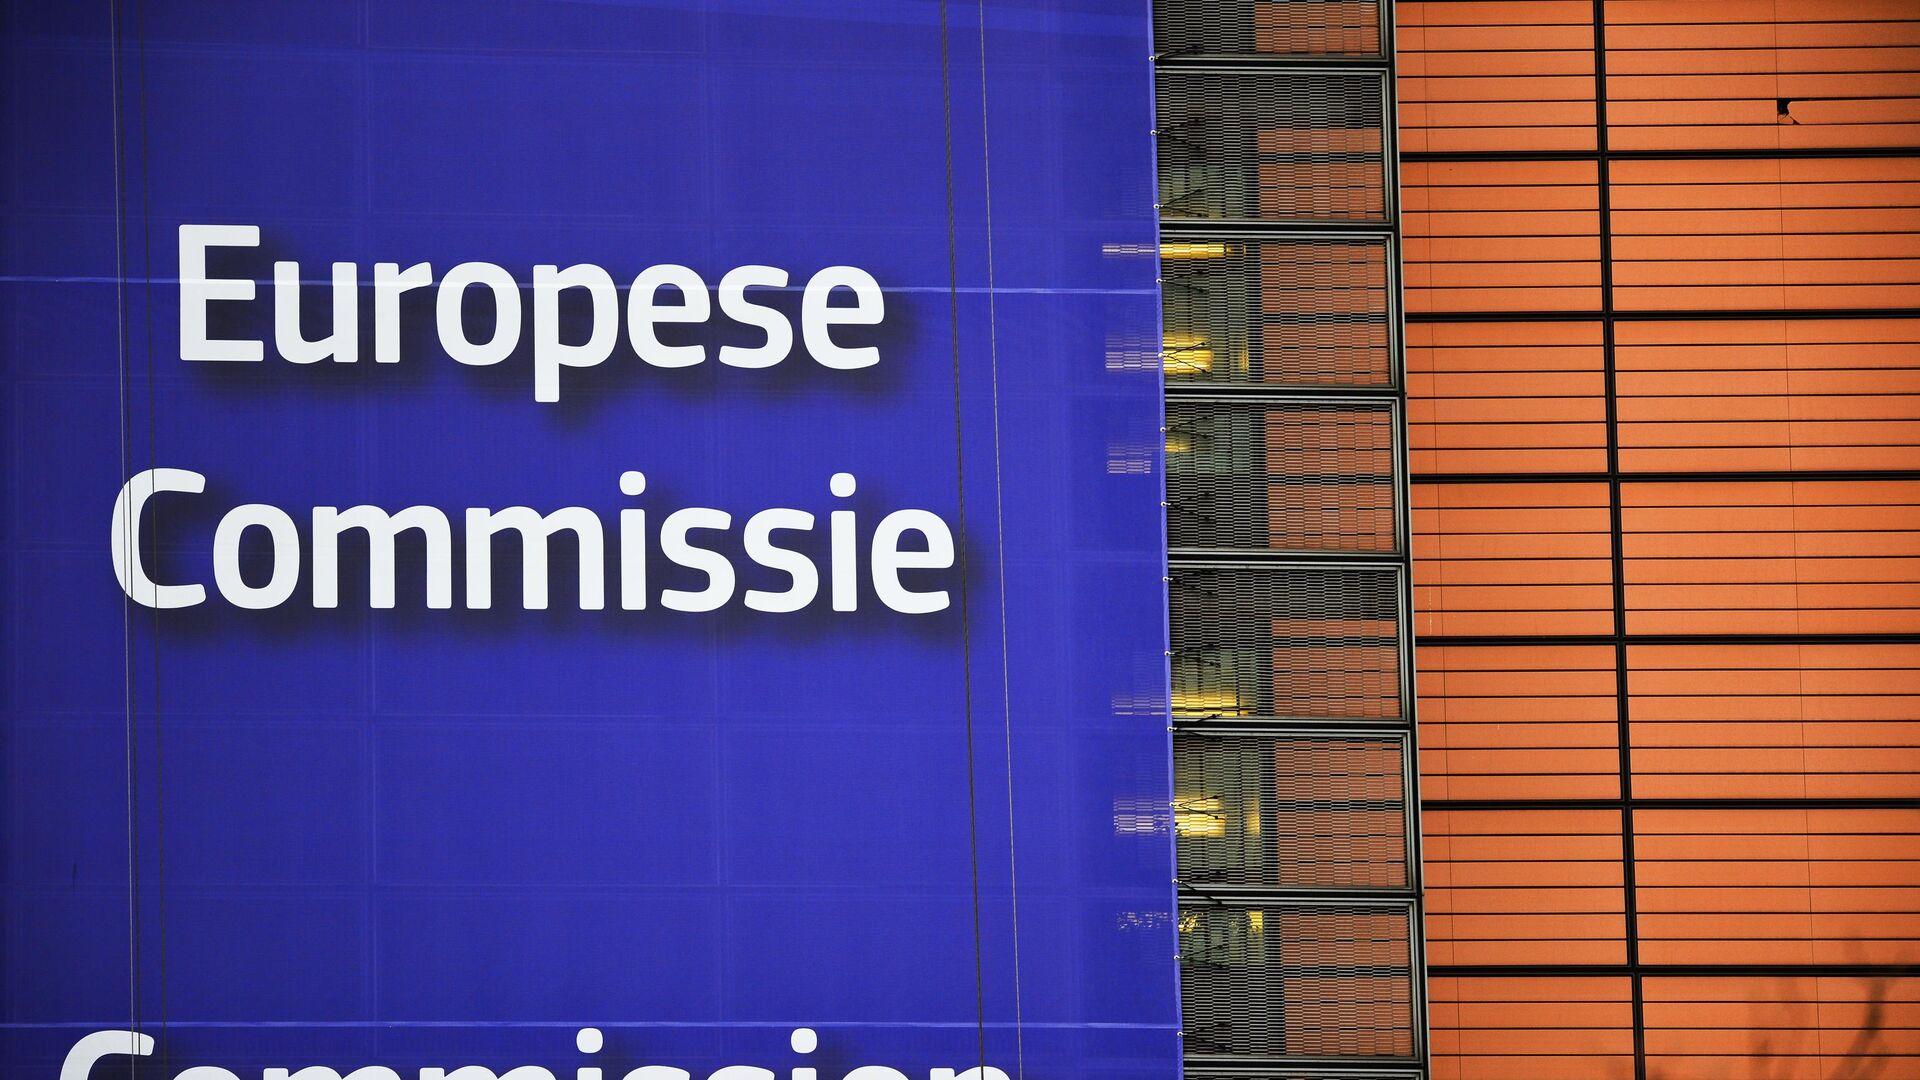 Баннер на здании Европейской Комиссии в Брюссел - РИА Новости, 1920, 03.05.2021